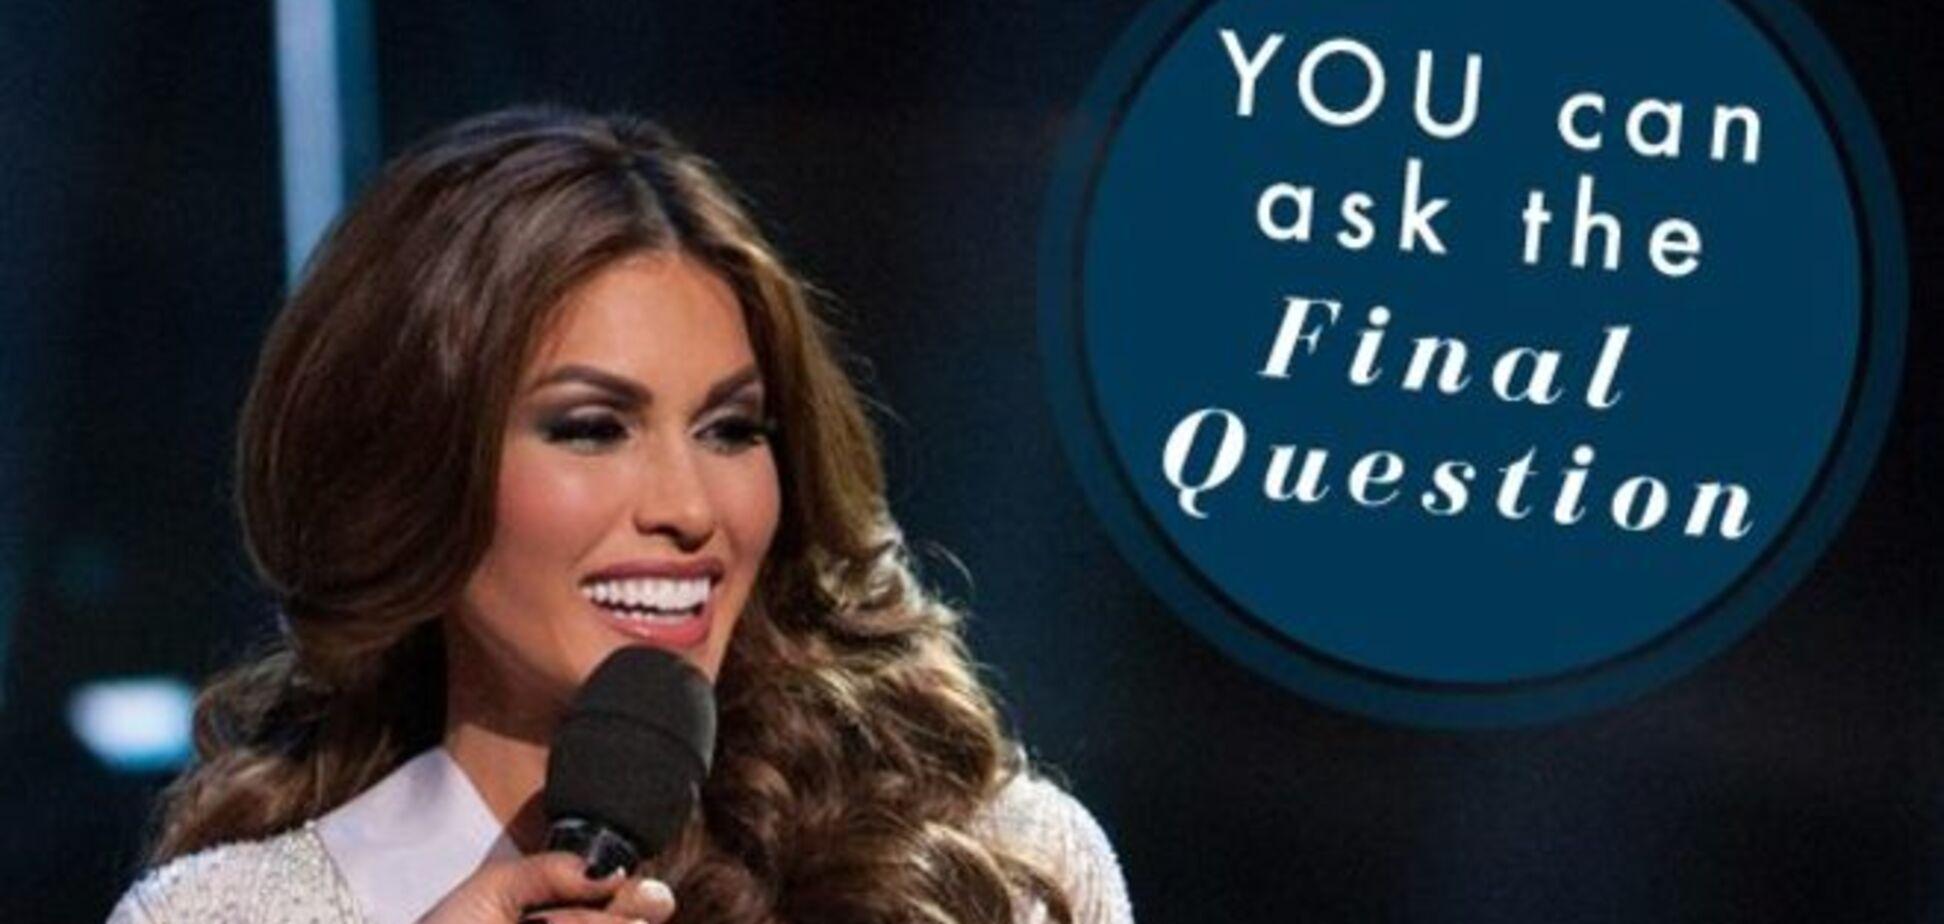 Задать финальный вопрос на 'Мисс Вселенная 2015' может каждый житель мира